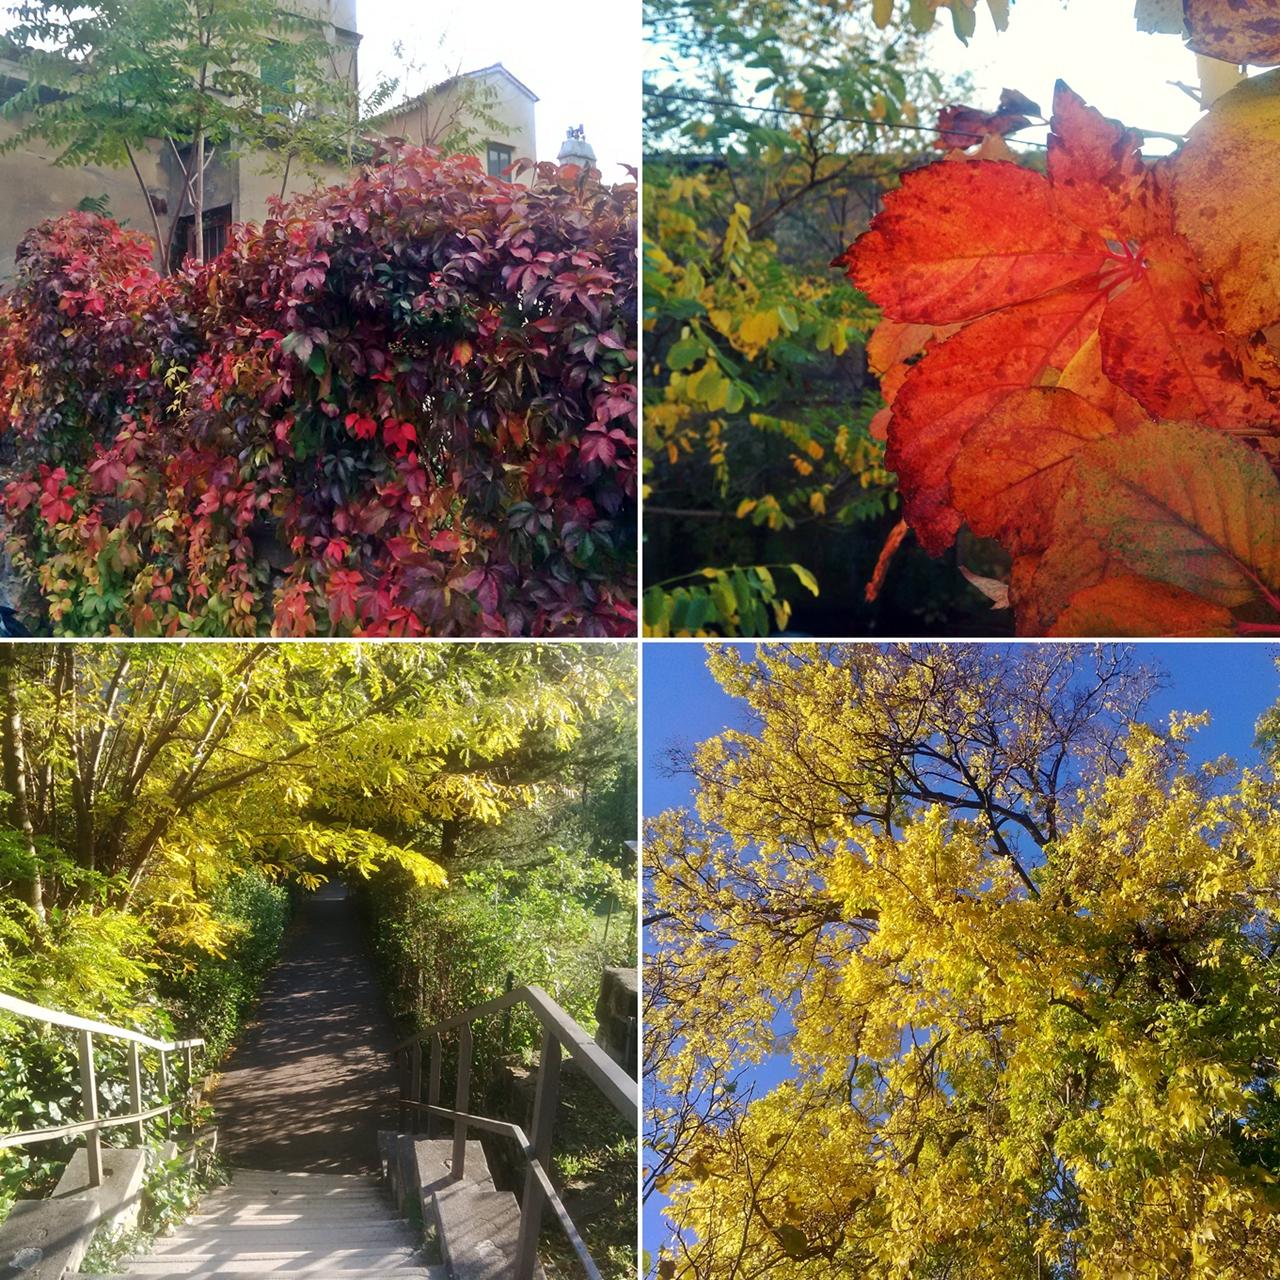 Autunno collage: foglie © leeliah99.altervista.org